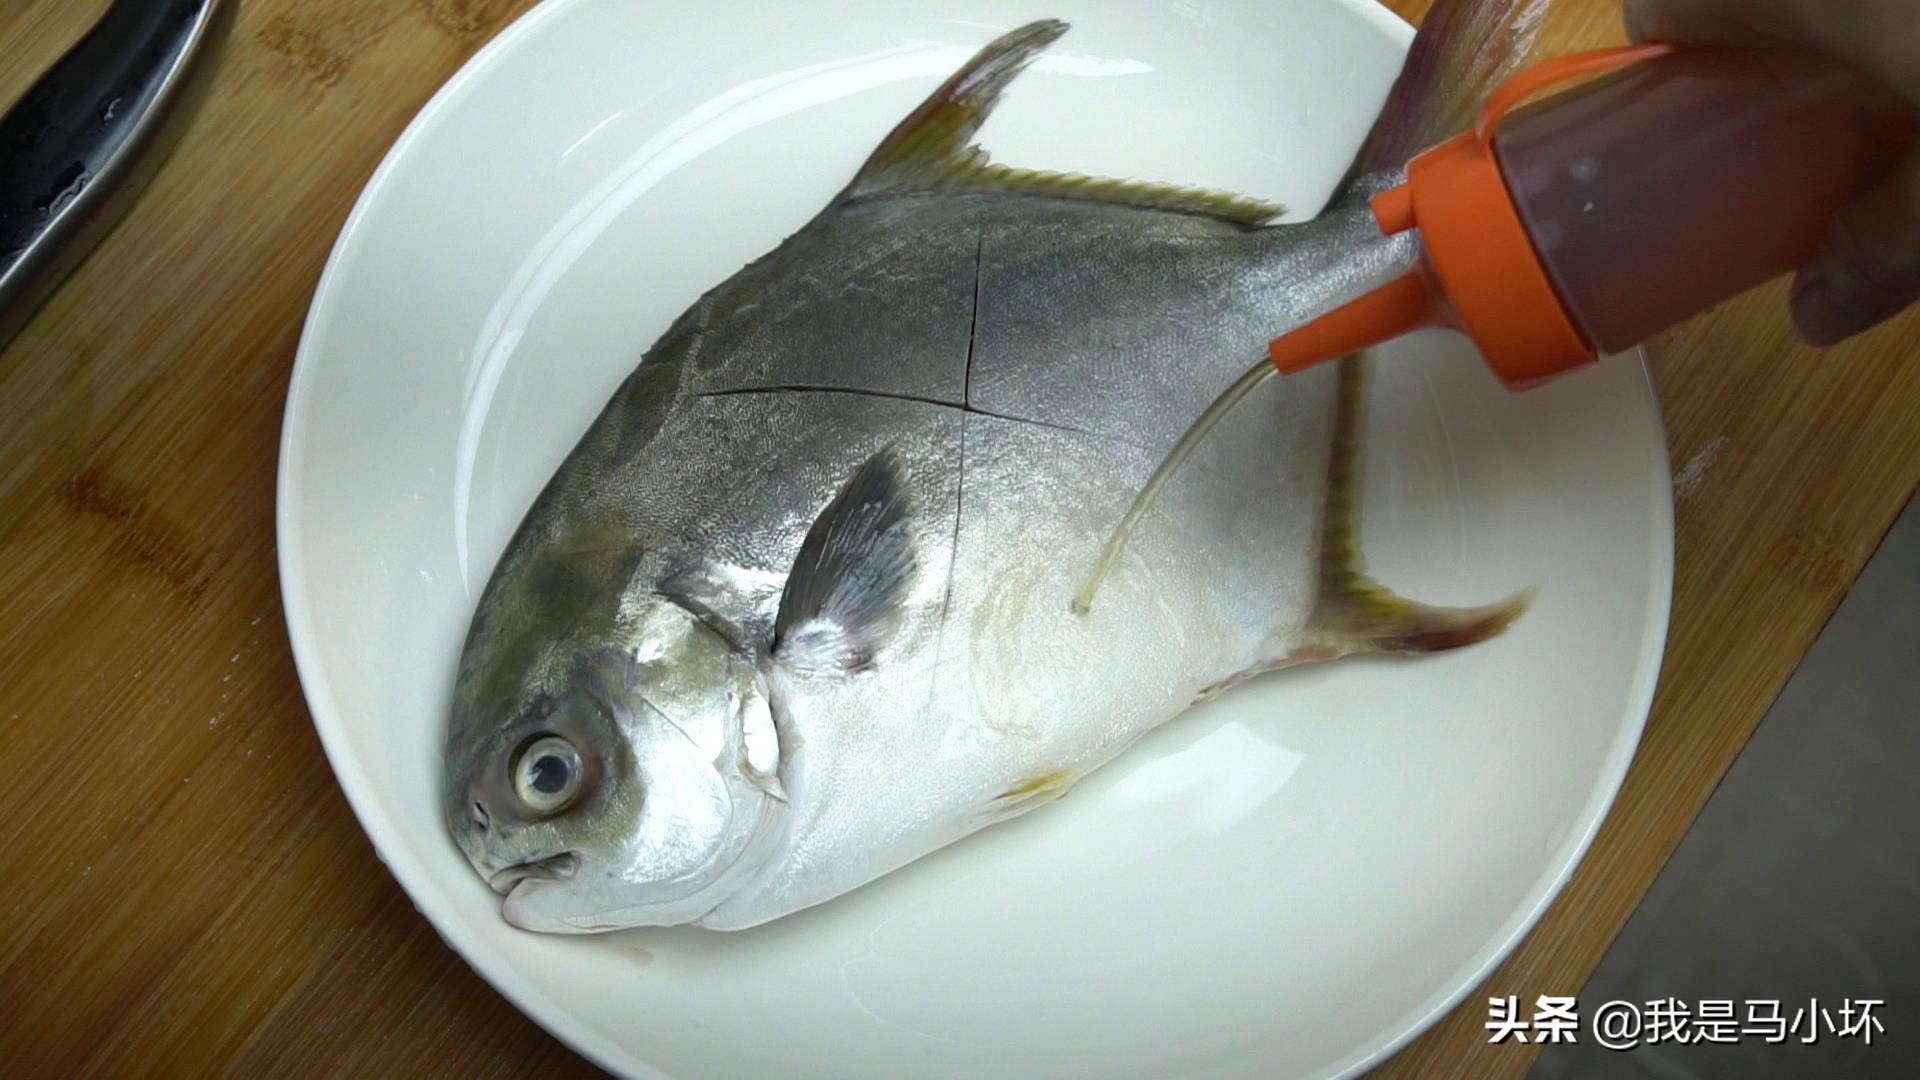 金鲳鱼这种广式特色吃法,鲜香下饭,难怪老公喜欢,实在太香了 美食做法 第2张